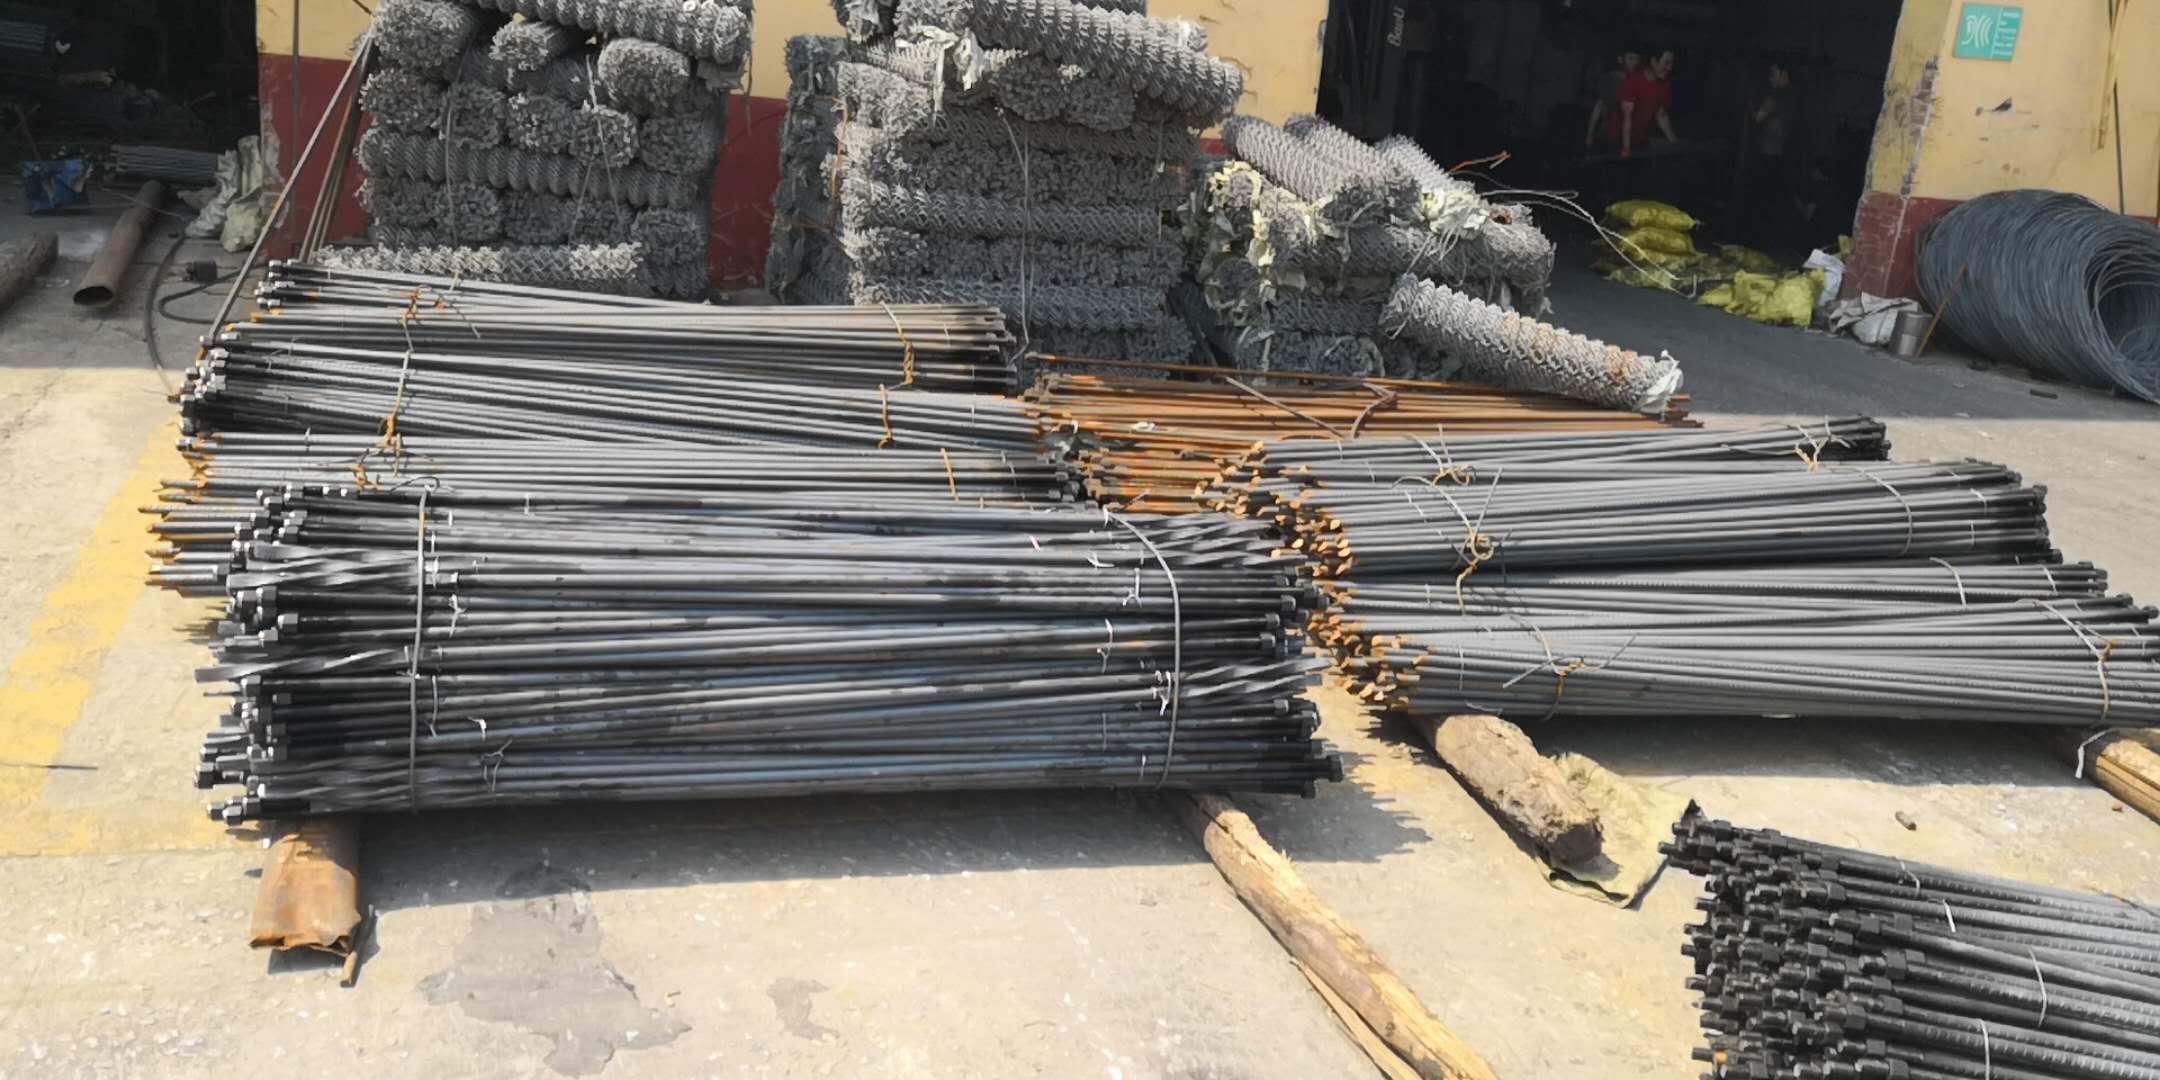 厂家直销矿用锚杆 矿用锚杆价格 矿用支护锚杆批发